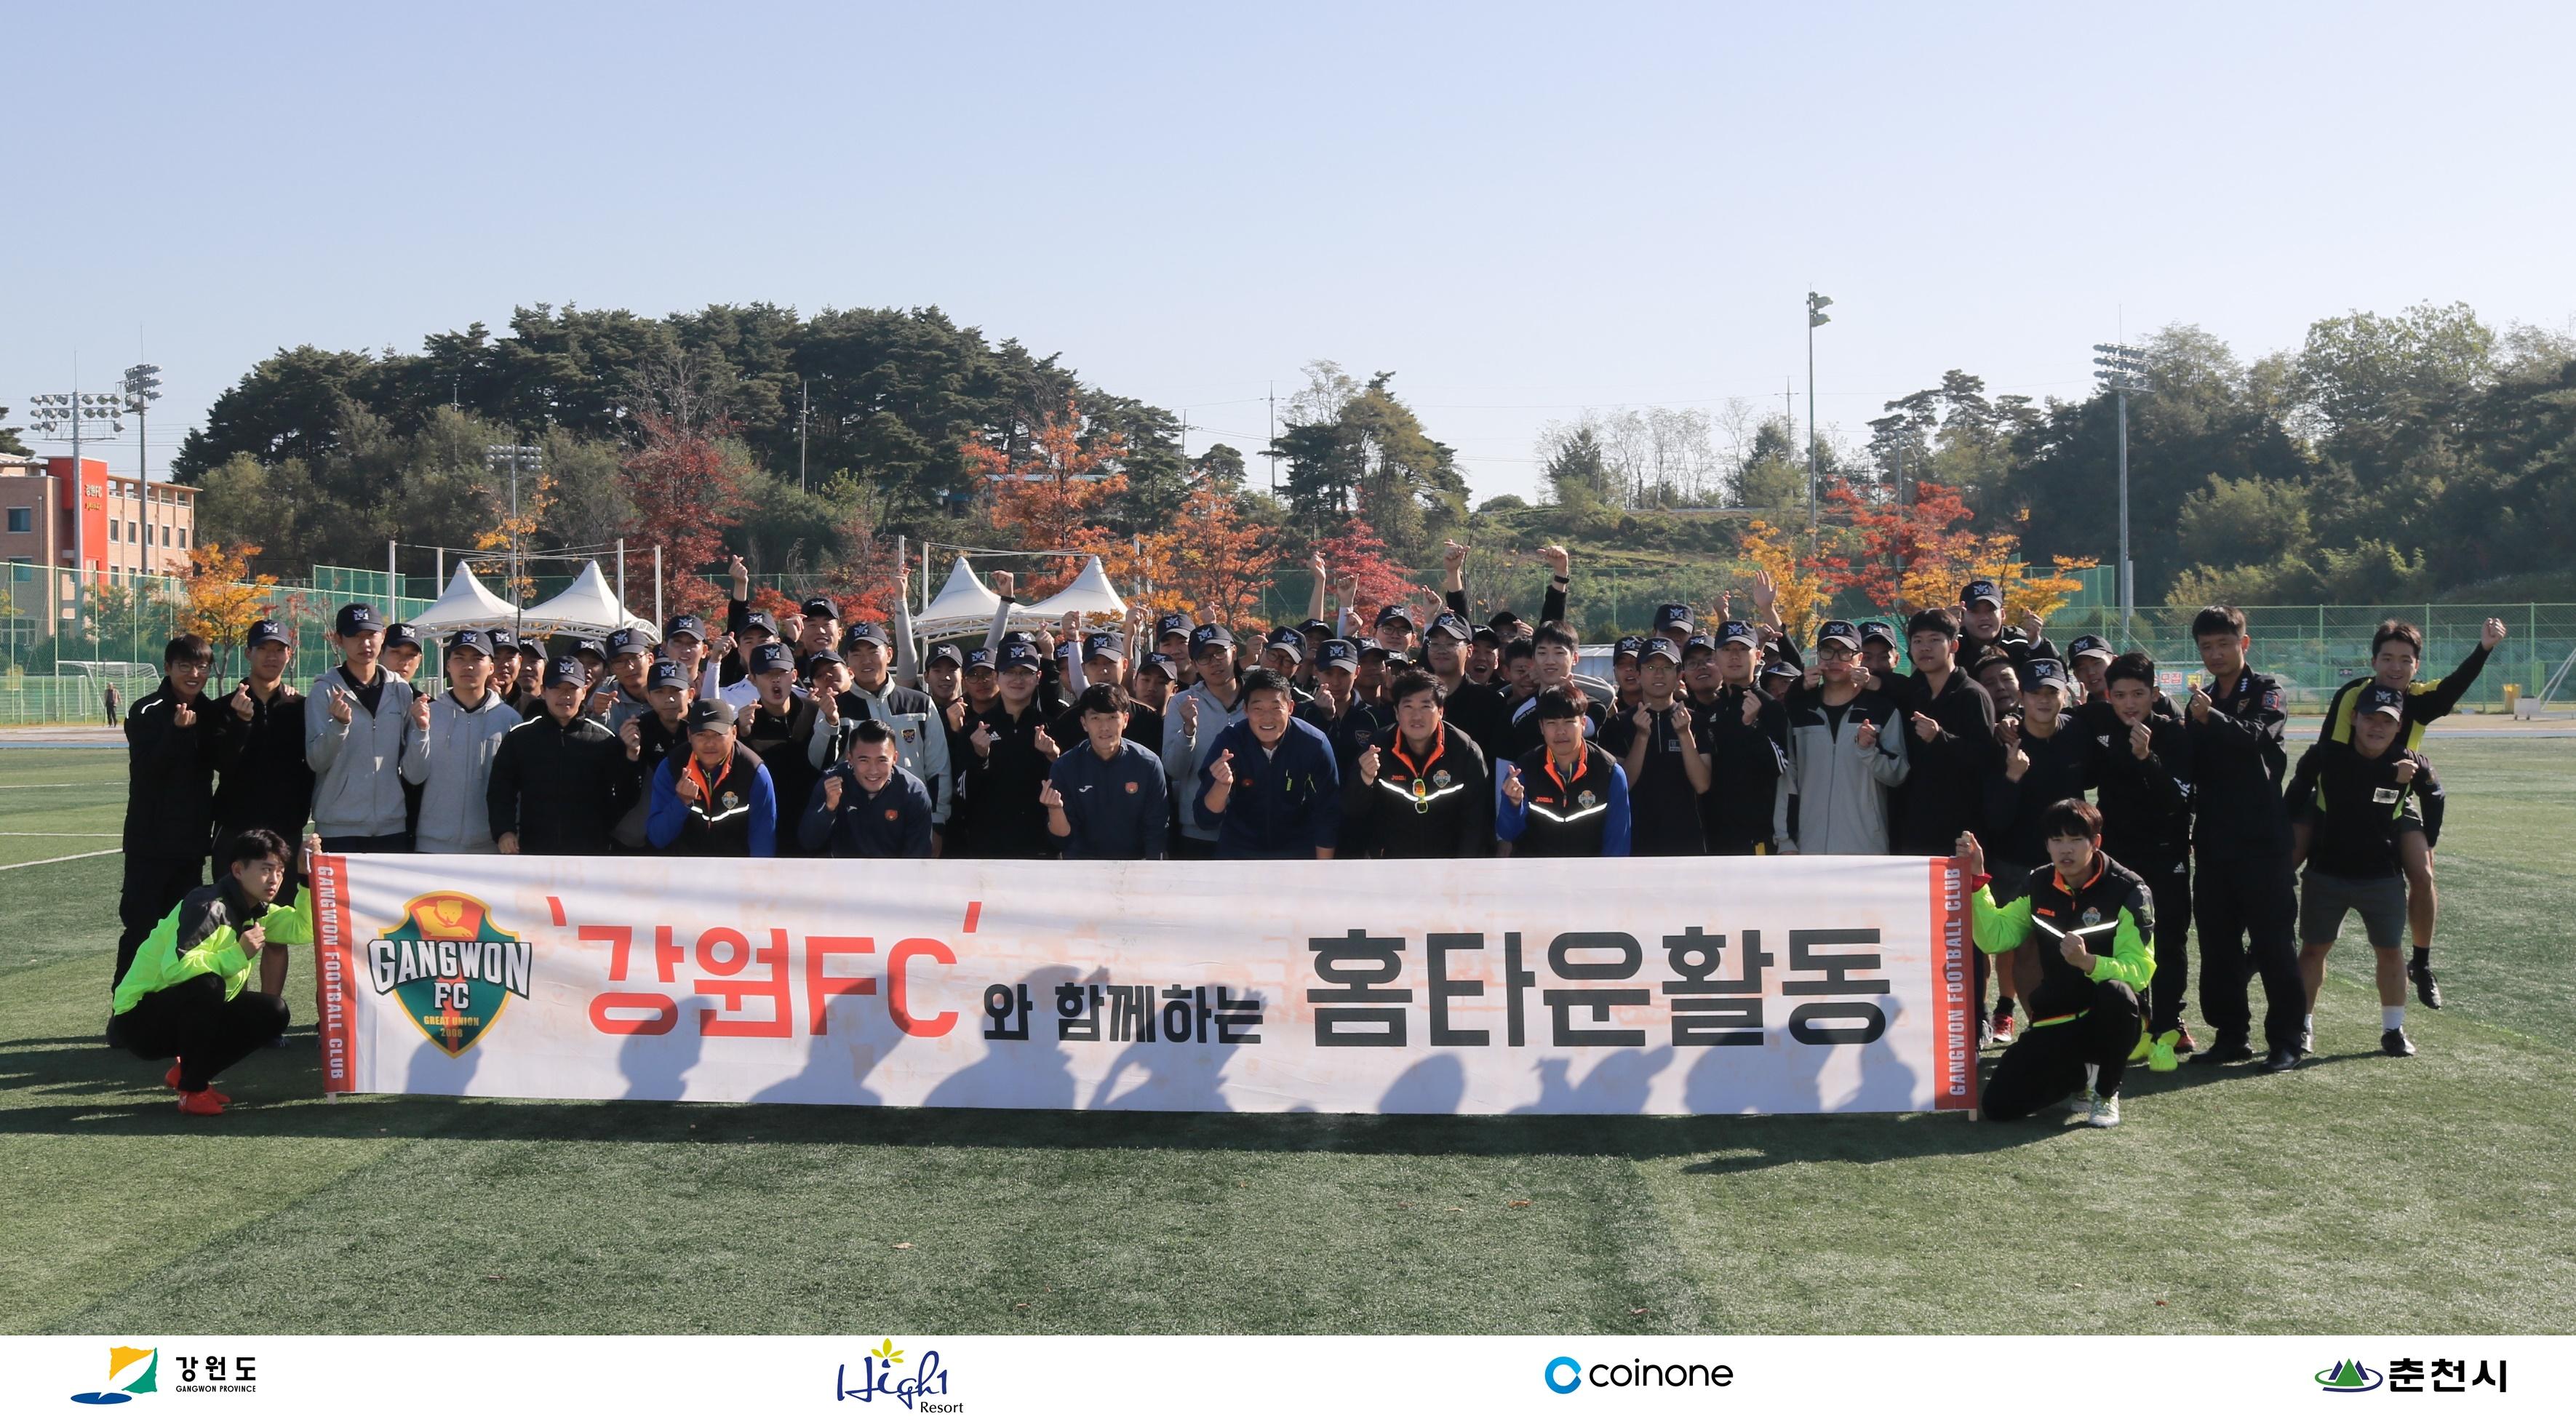 강원FC-강릉경찰서, 지역사회공헌활동 의경 대상 '축구클리닉' 개최